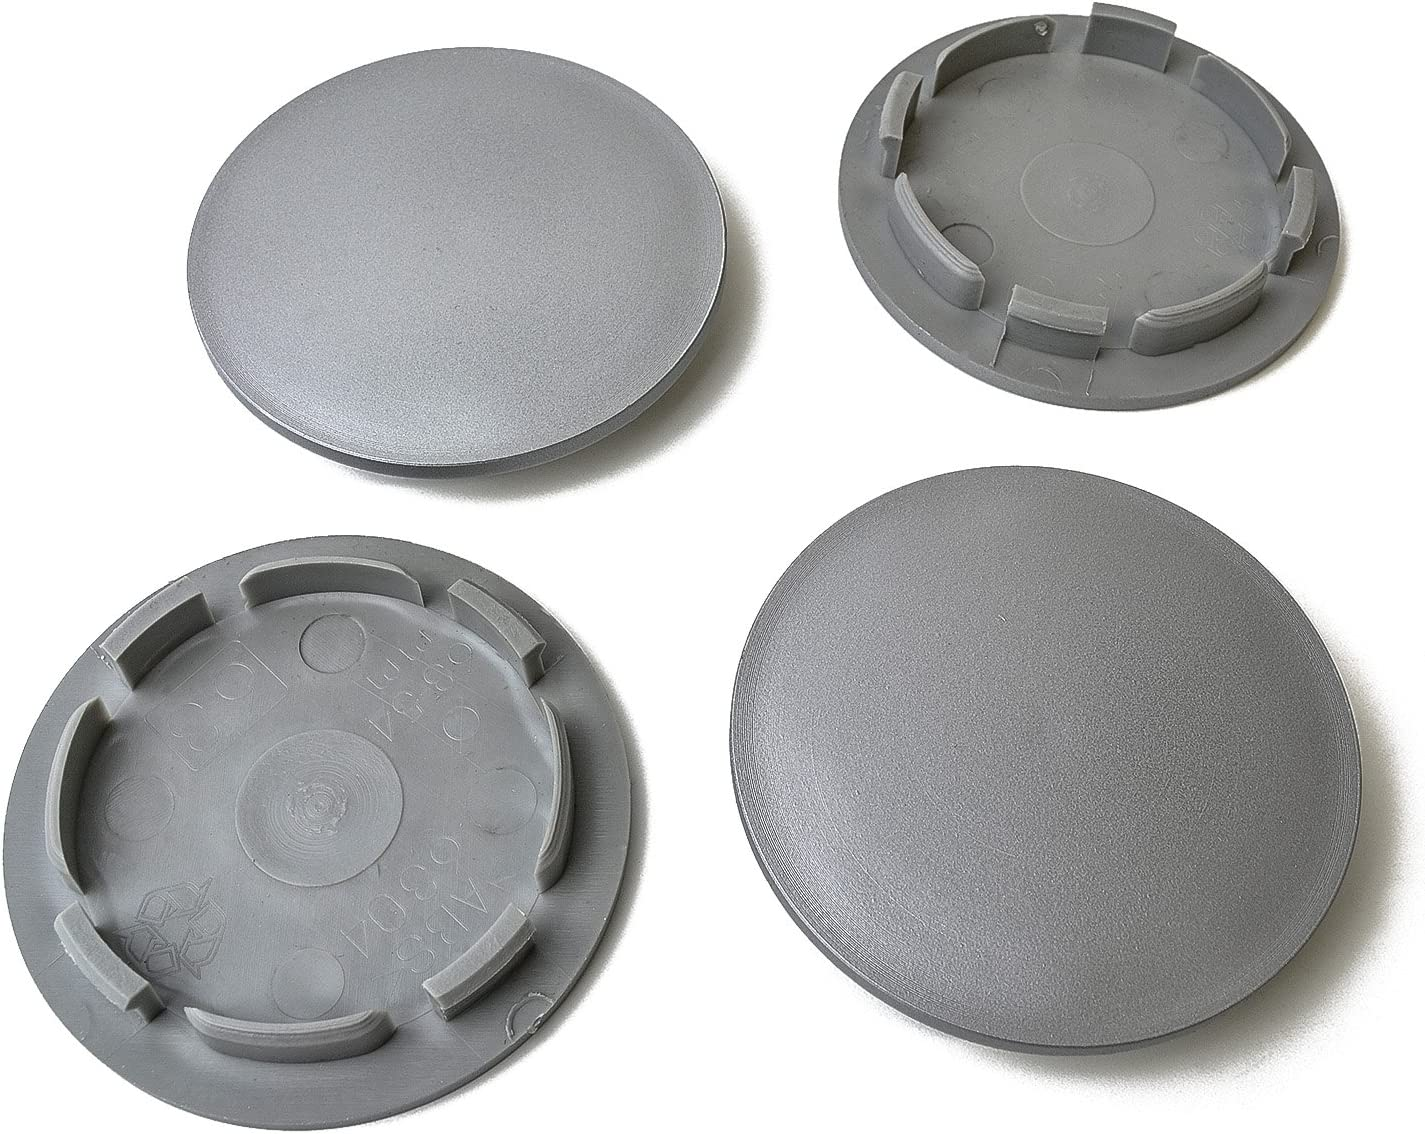 54 mm 4 unidades Tapabujes de 63 en gris,llantas